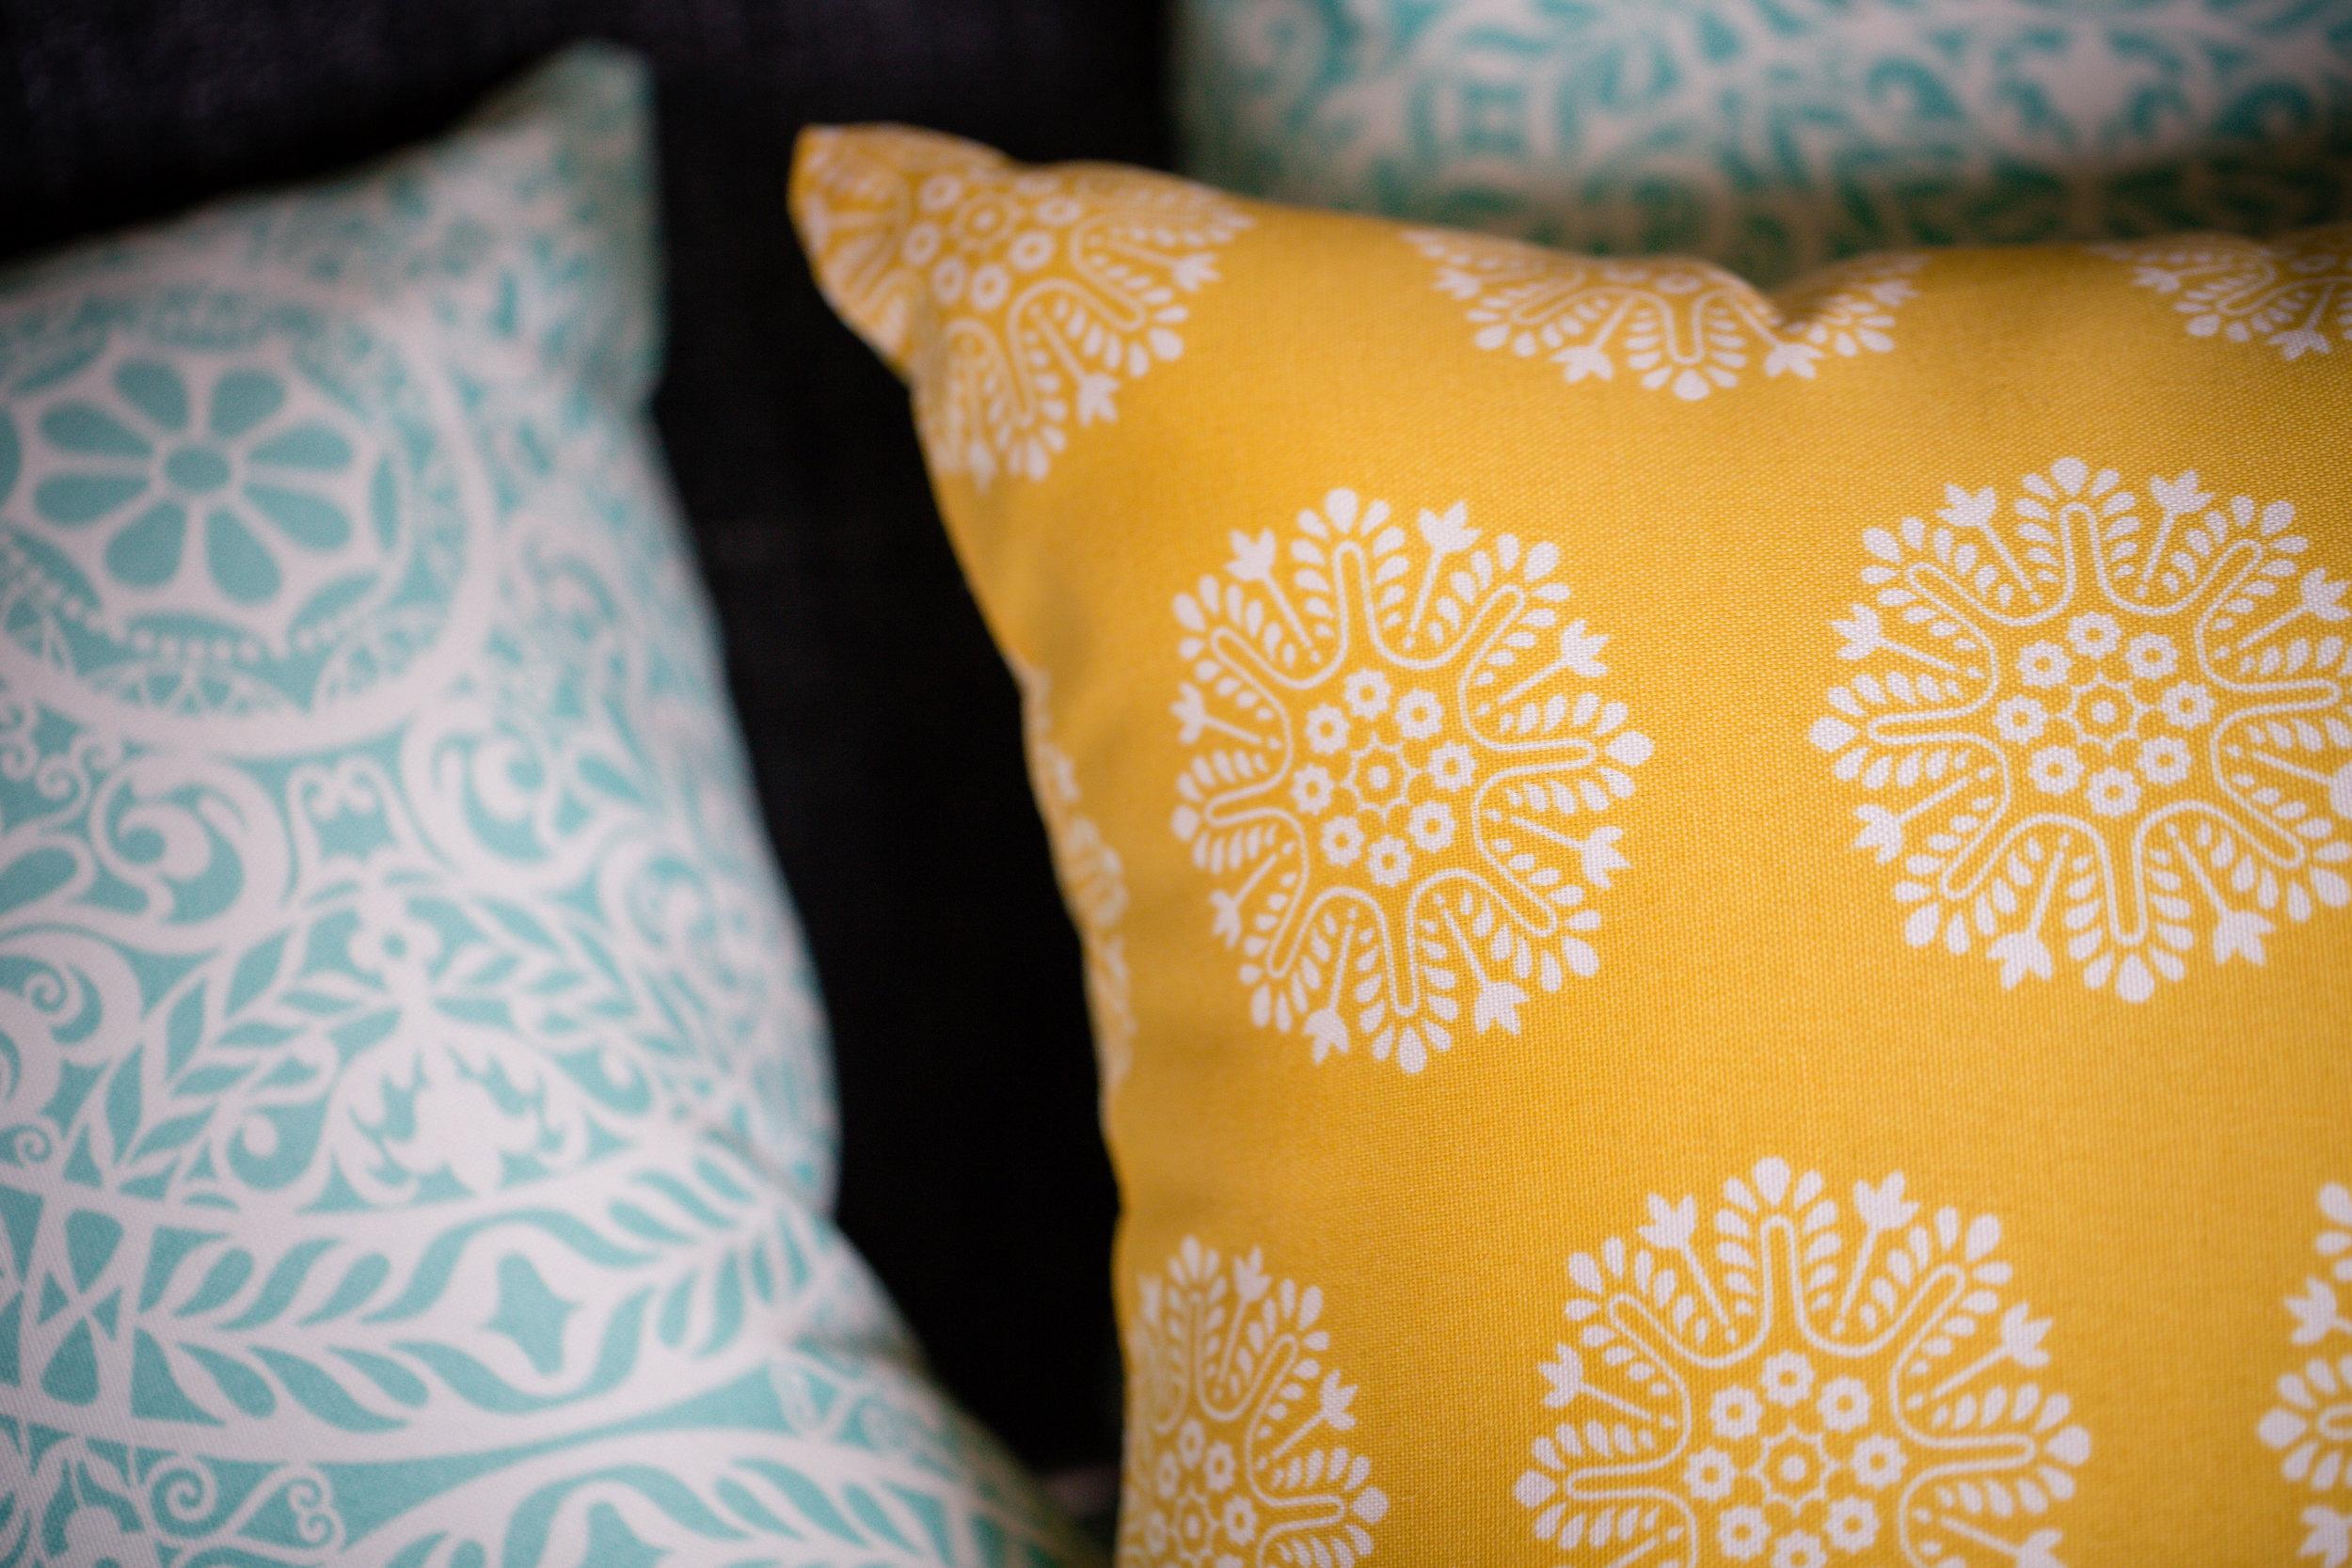 101 // 365 Porch pillows!